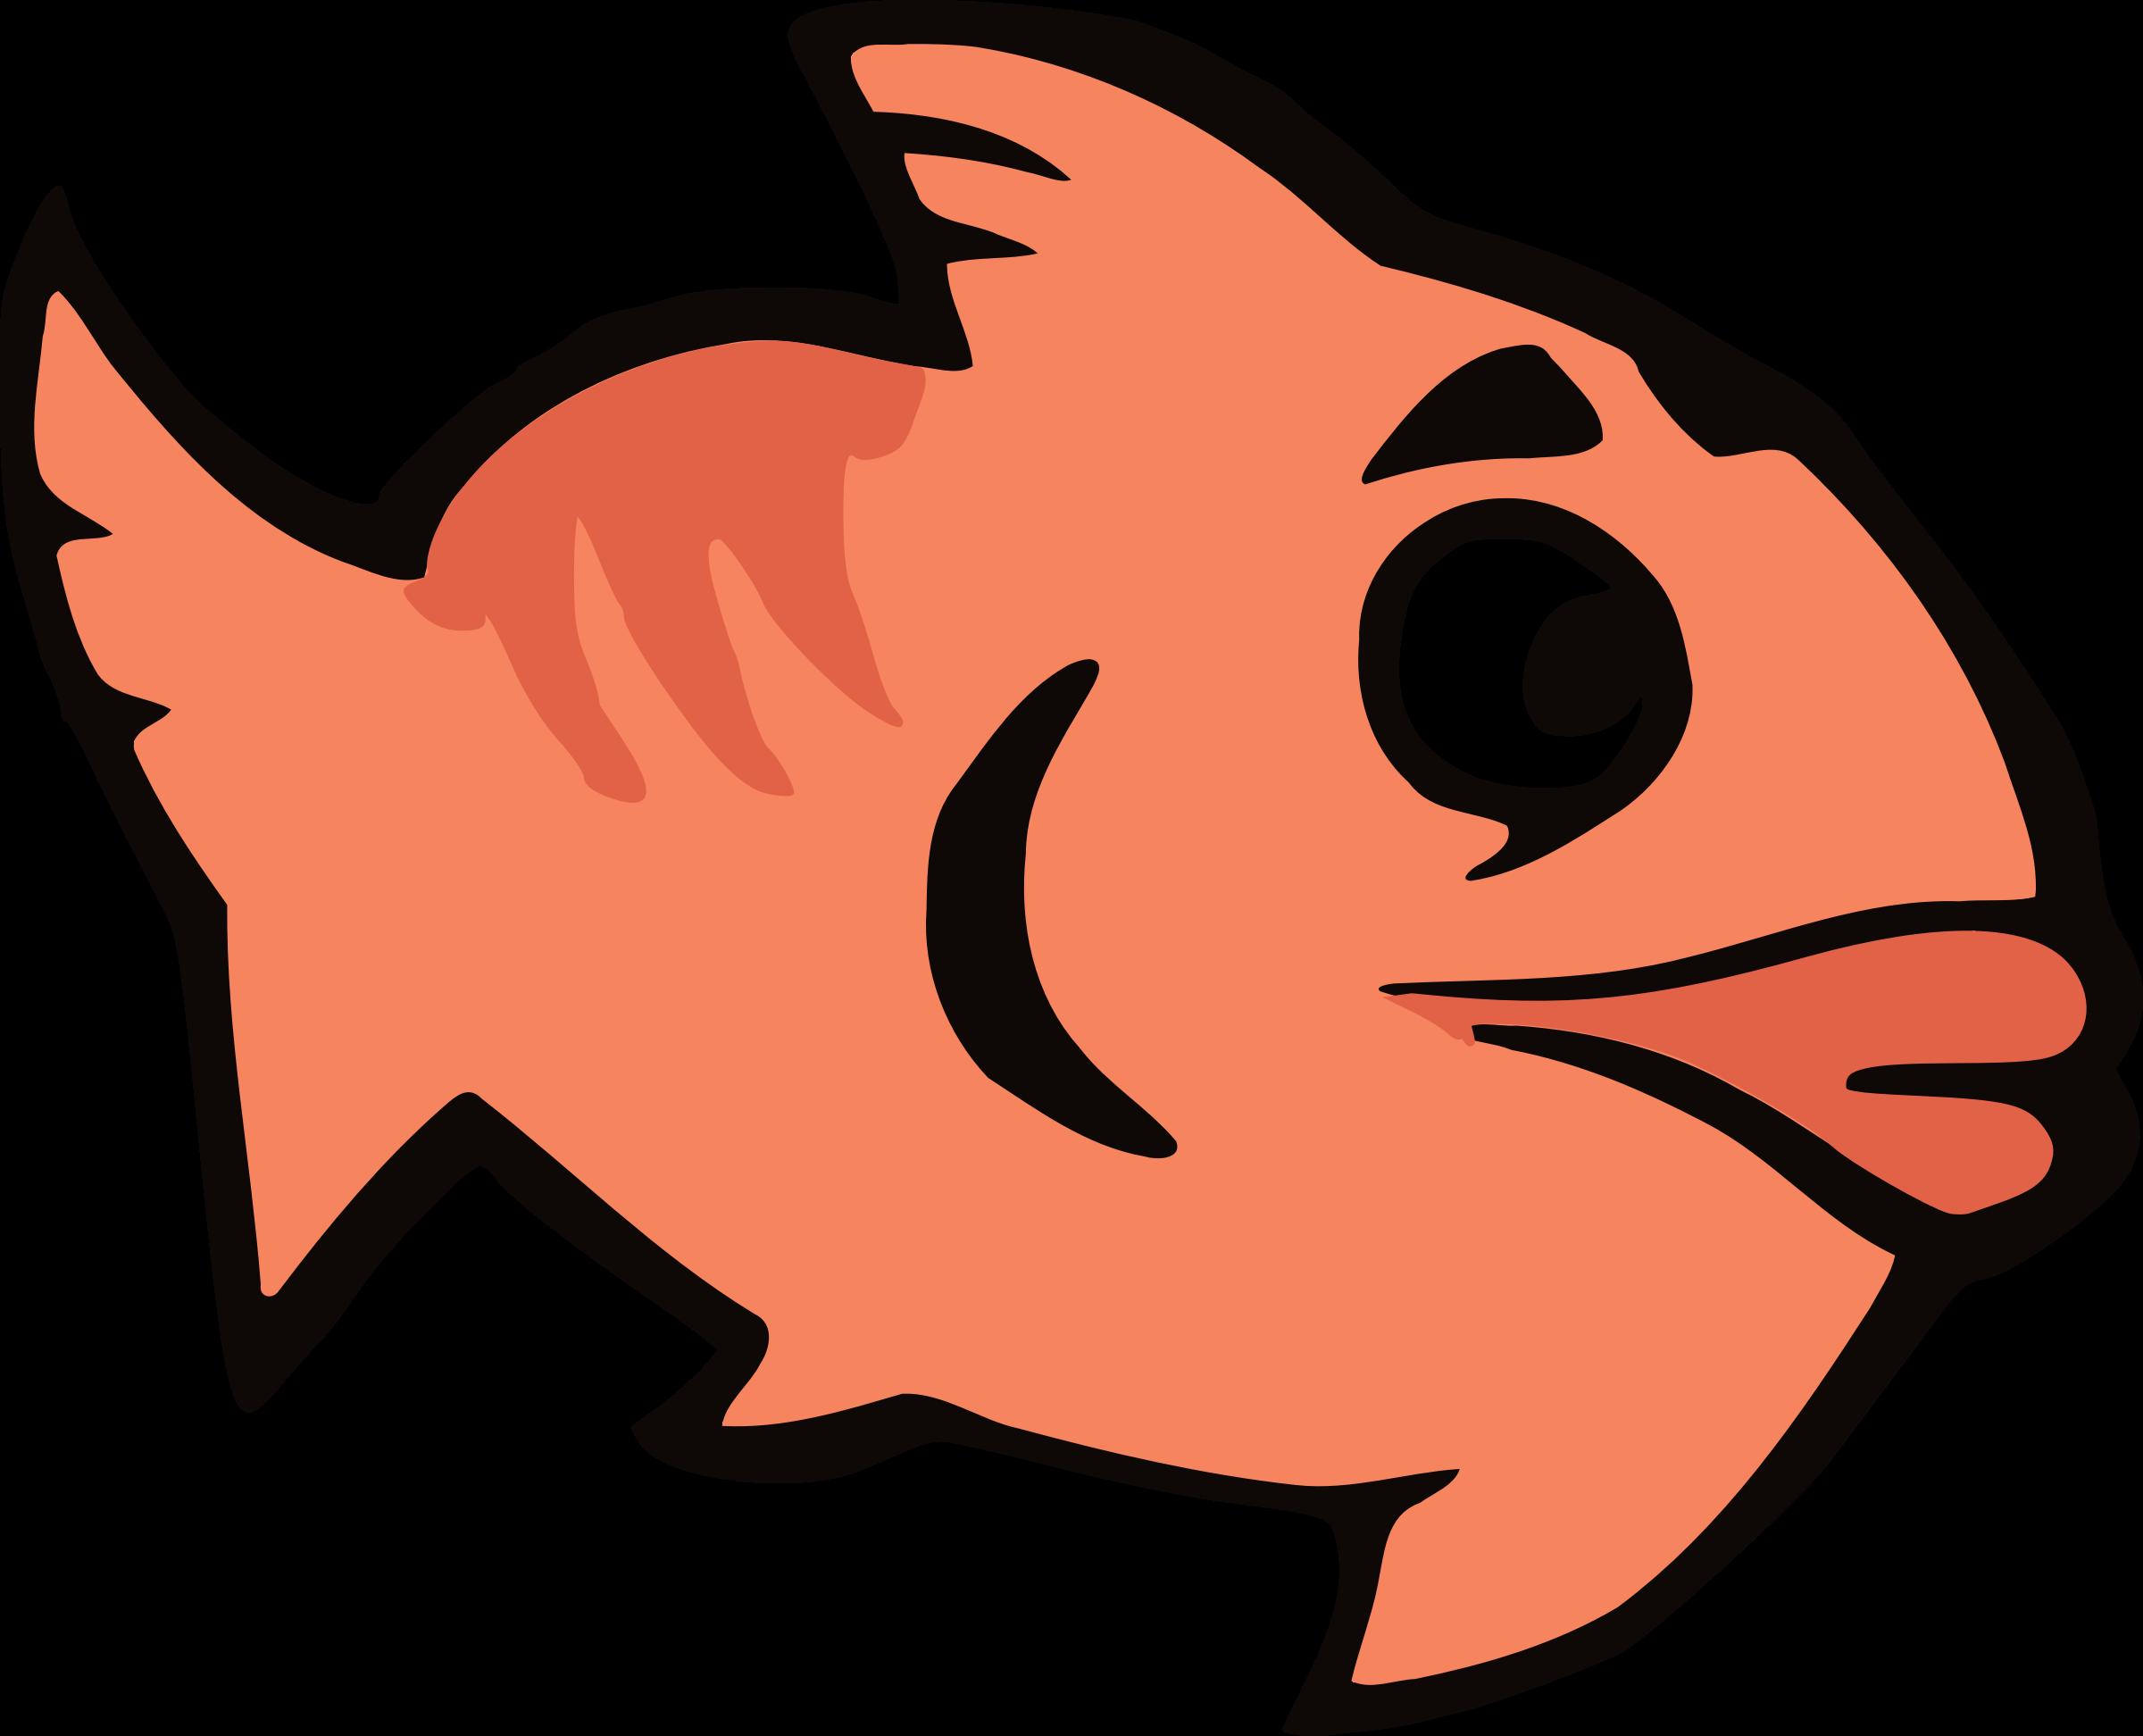 Fish clipart talk. Cartoon big image png